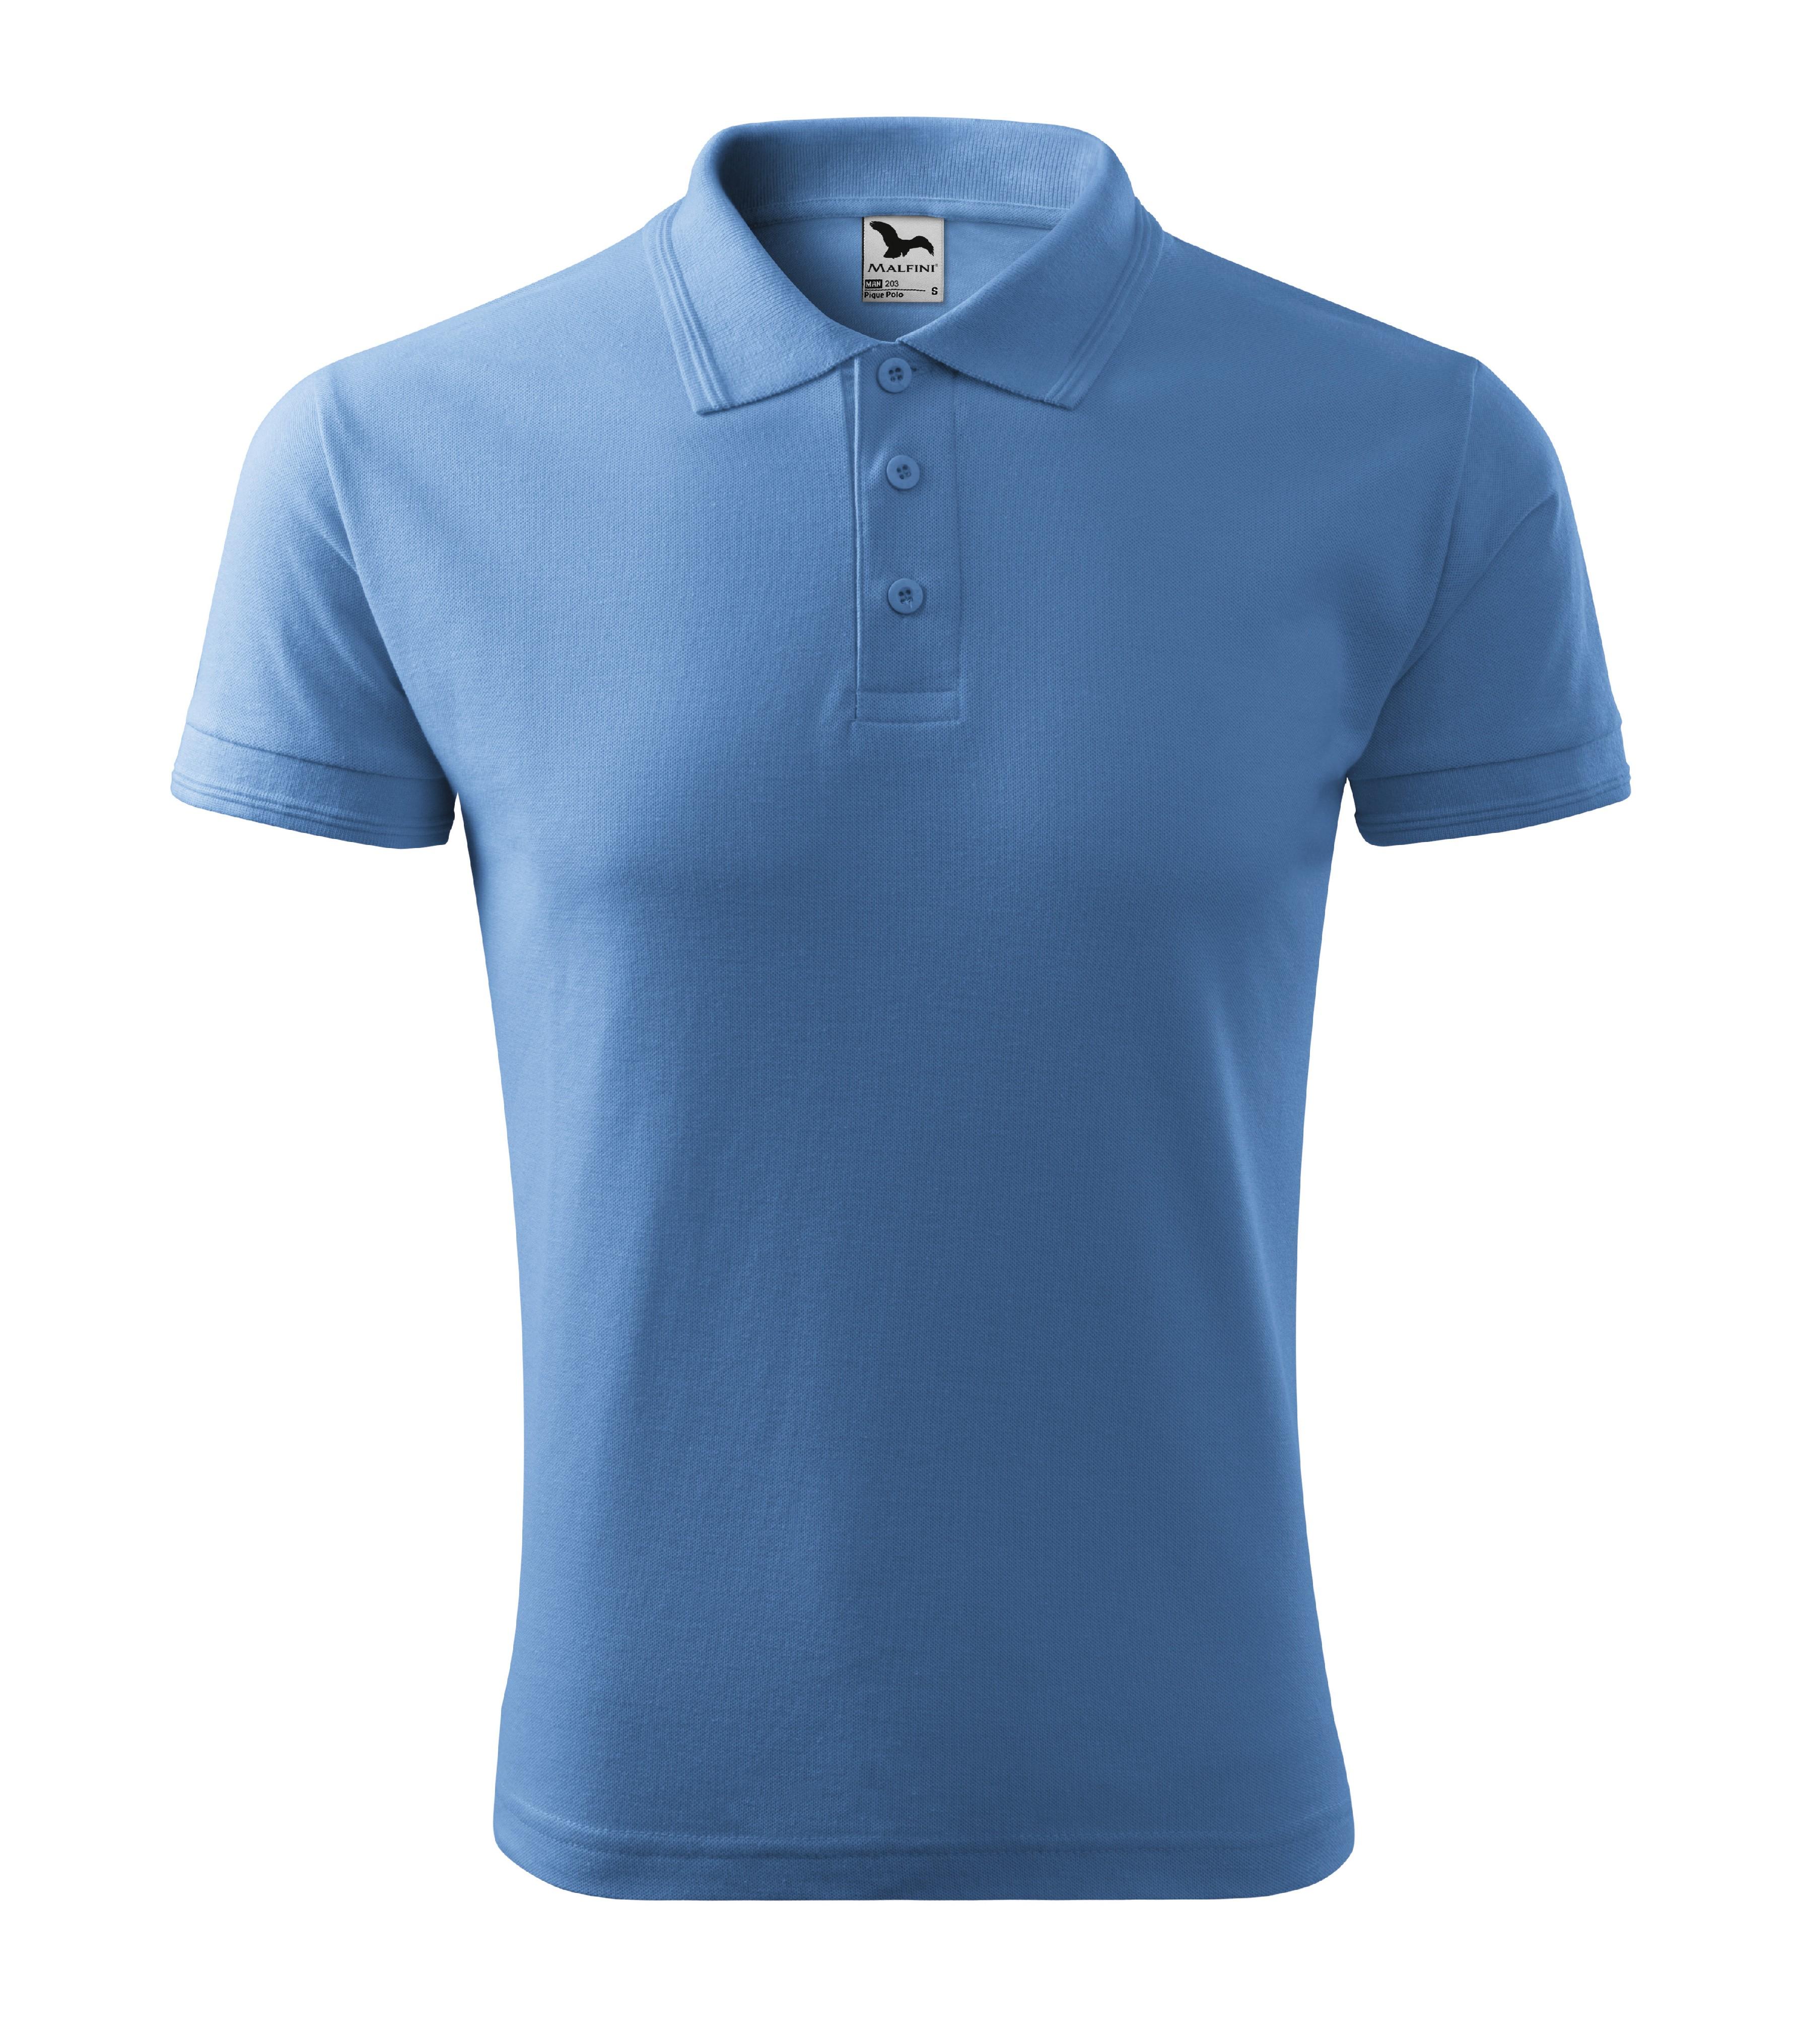 Polokošile pánská Pique Polo Barva: nebesky modrá, Velikost: L